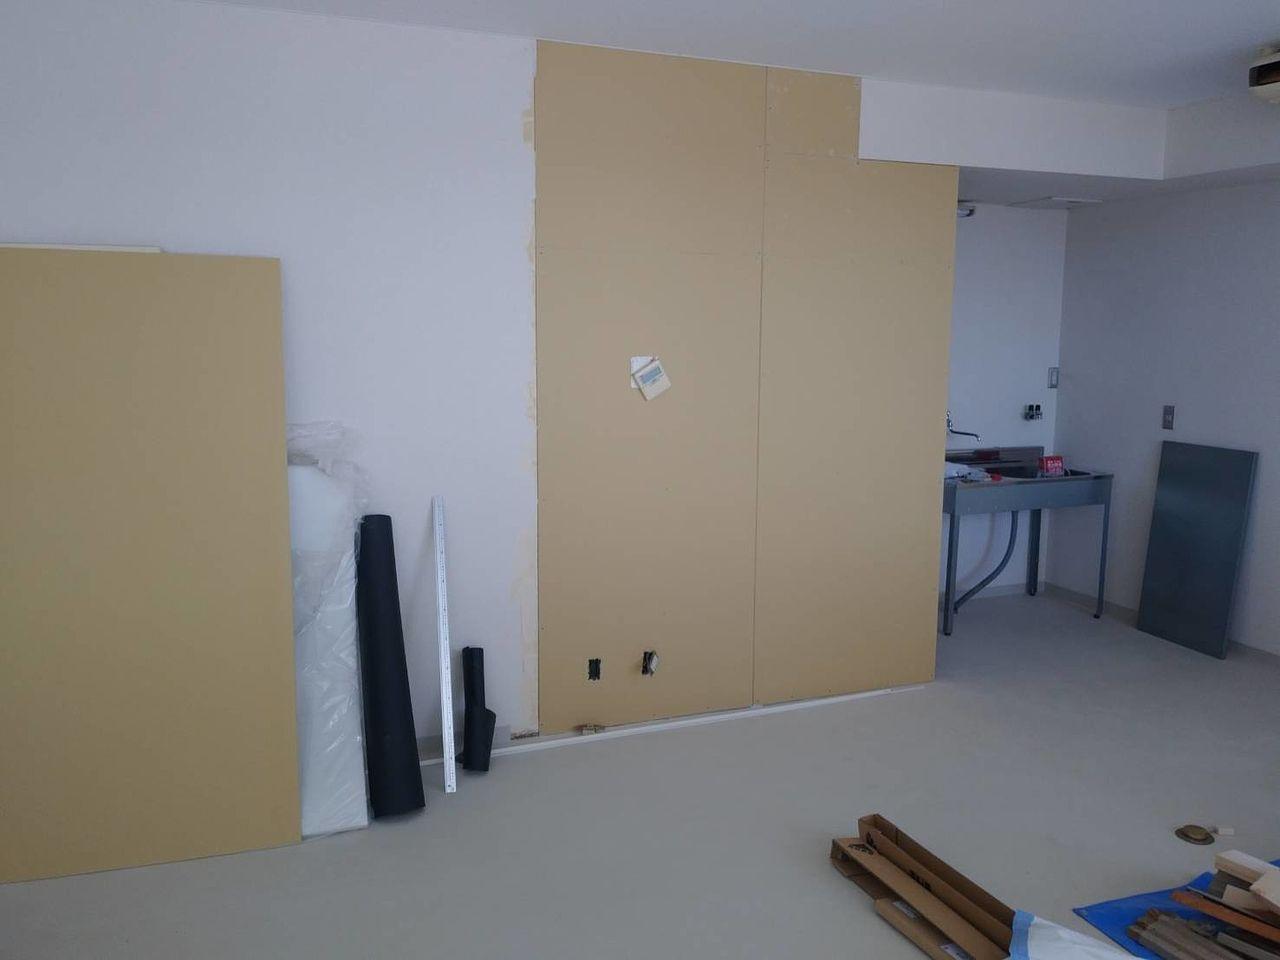 遮音シート、吸音材をしっかりと詰め込み壁を起こしました。